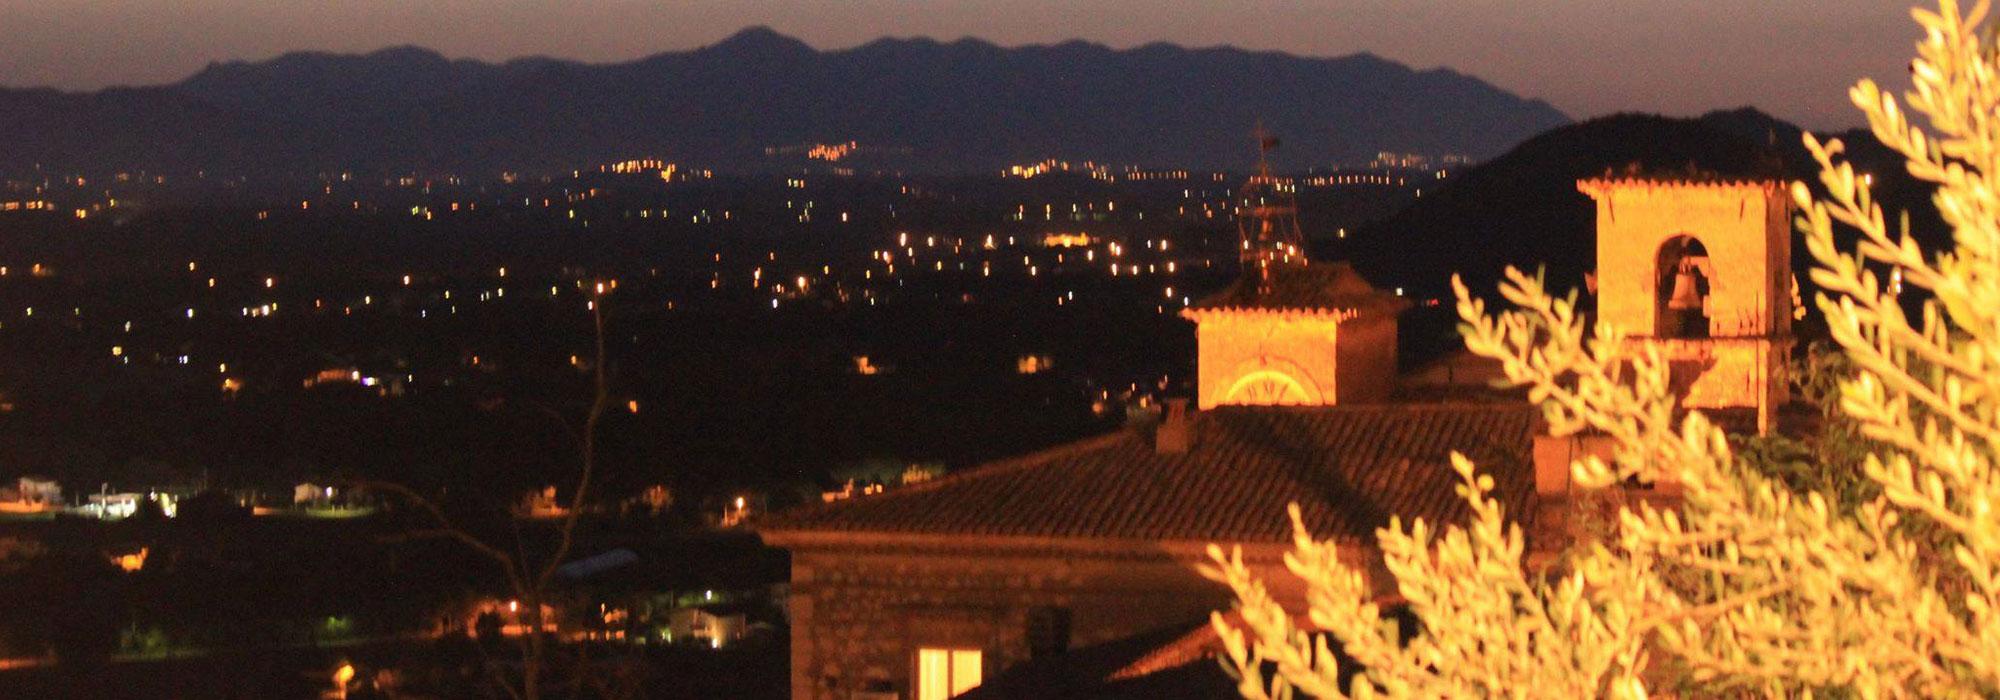 Roccasecca Caprile